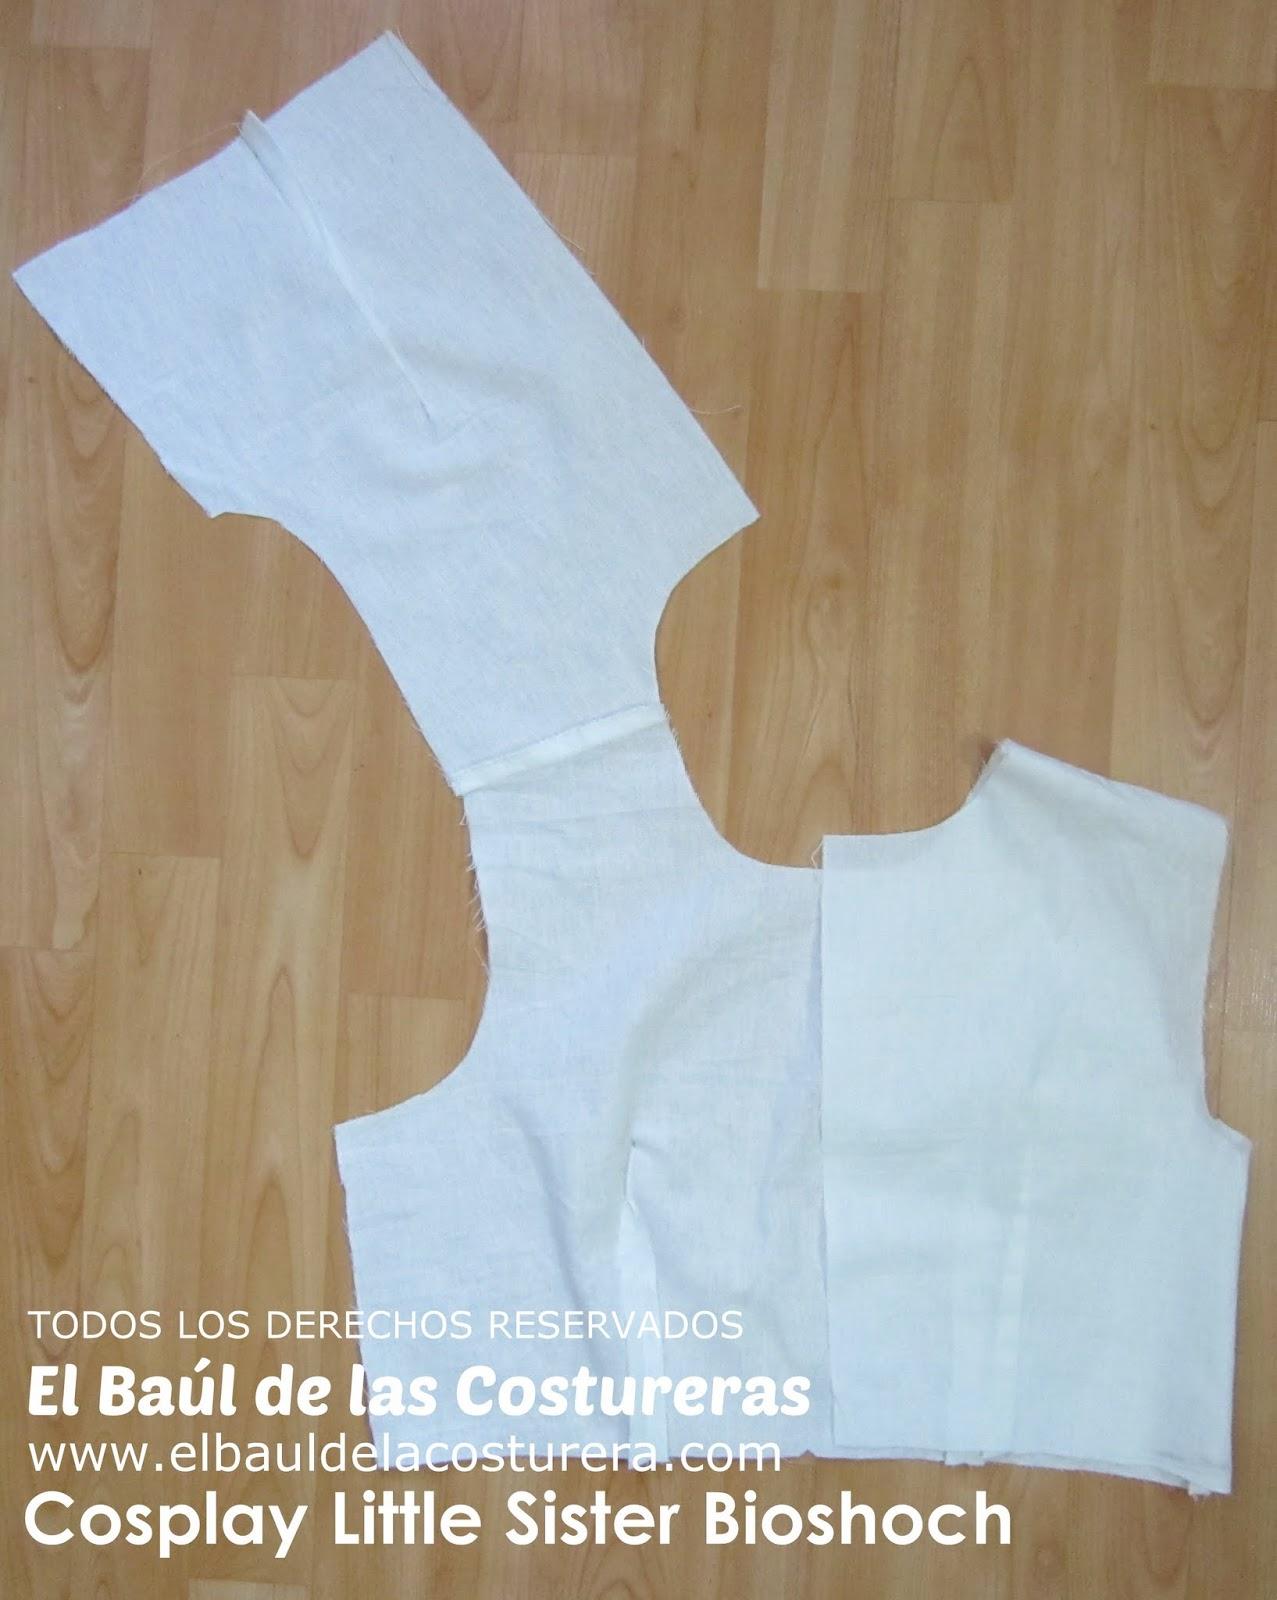 Unir Delantero y espalda por los hombros. Cerrar costados incorporando las tiras a dos cm del canto inferior.